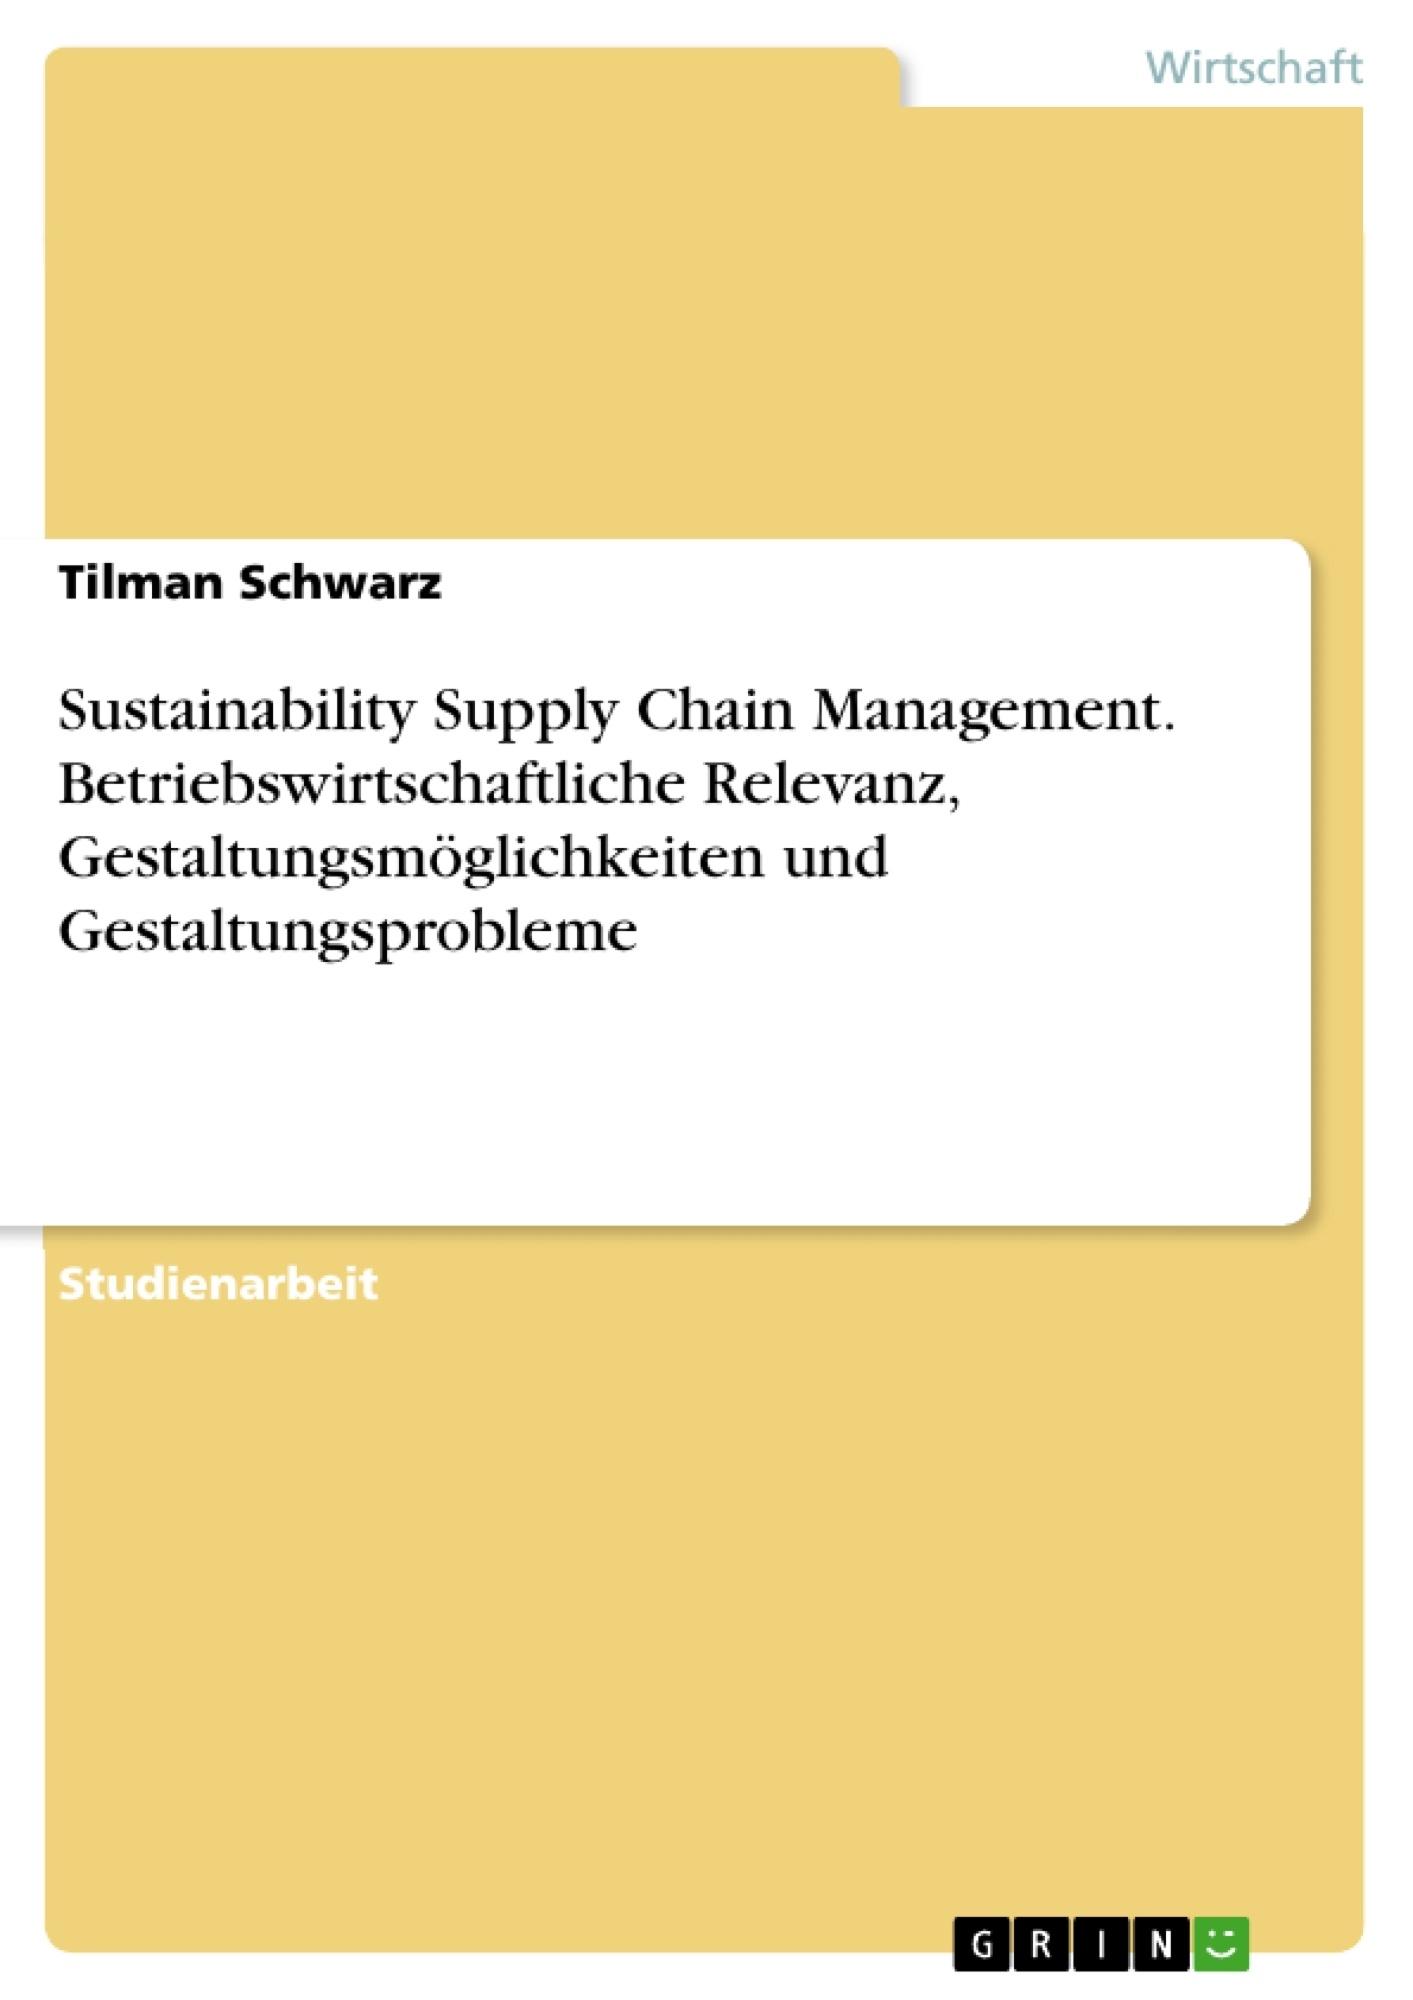 Titel: Sustainability Supply Chain Management. Betriebswirtschaftliche Relevanz, Gestaltungsmöglichkeiten und Gestaltungsprobleme